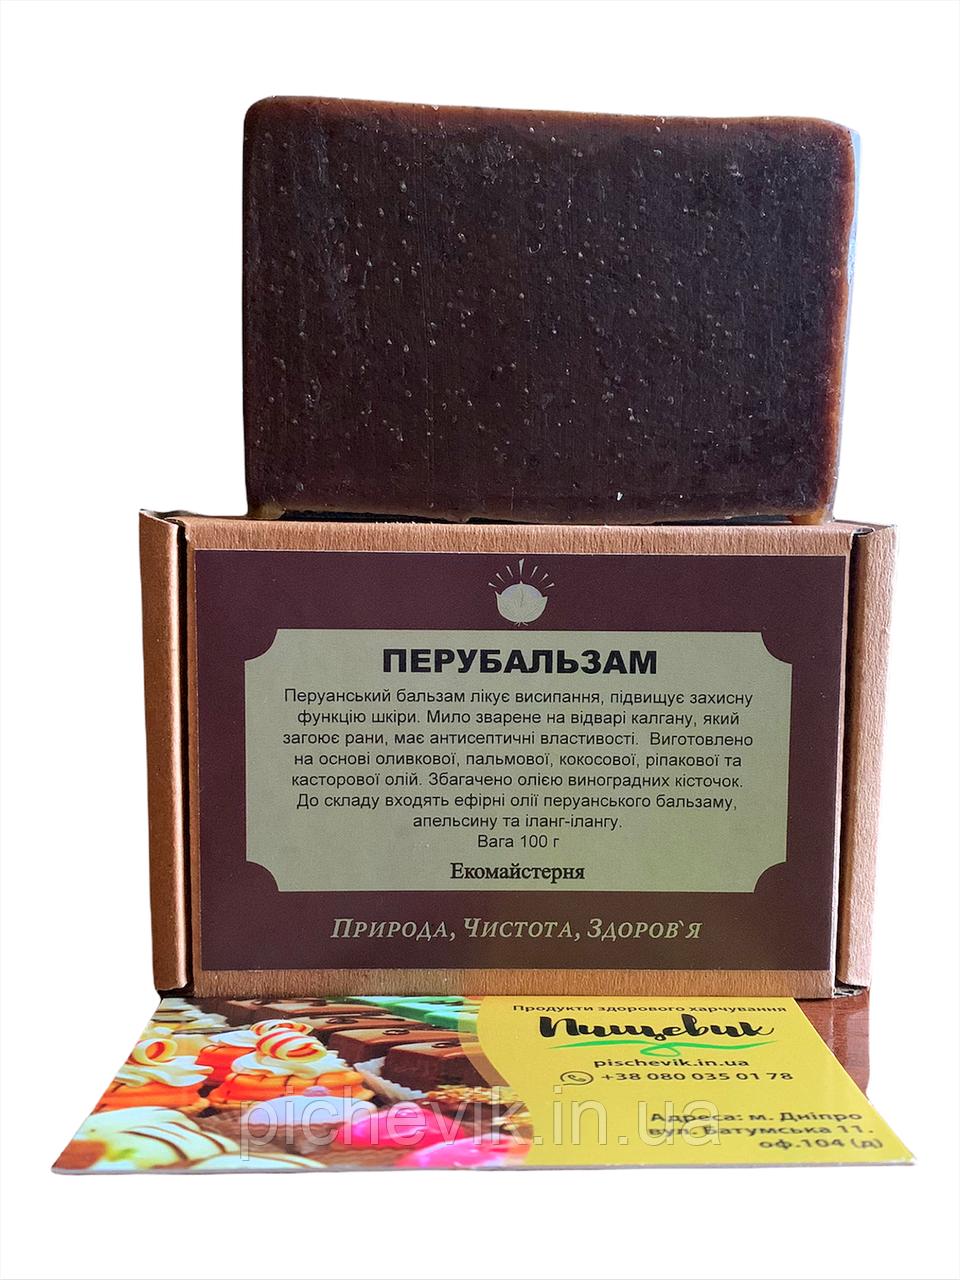 Натуральное мыло Перубальзам/Perubalsam(Украина) Вес:100 грамм